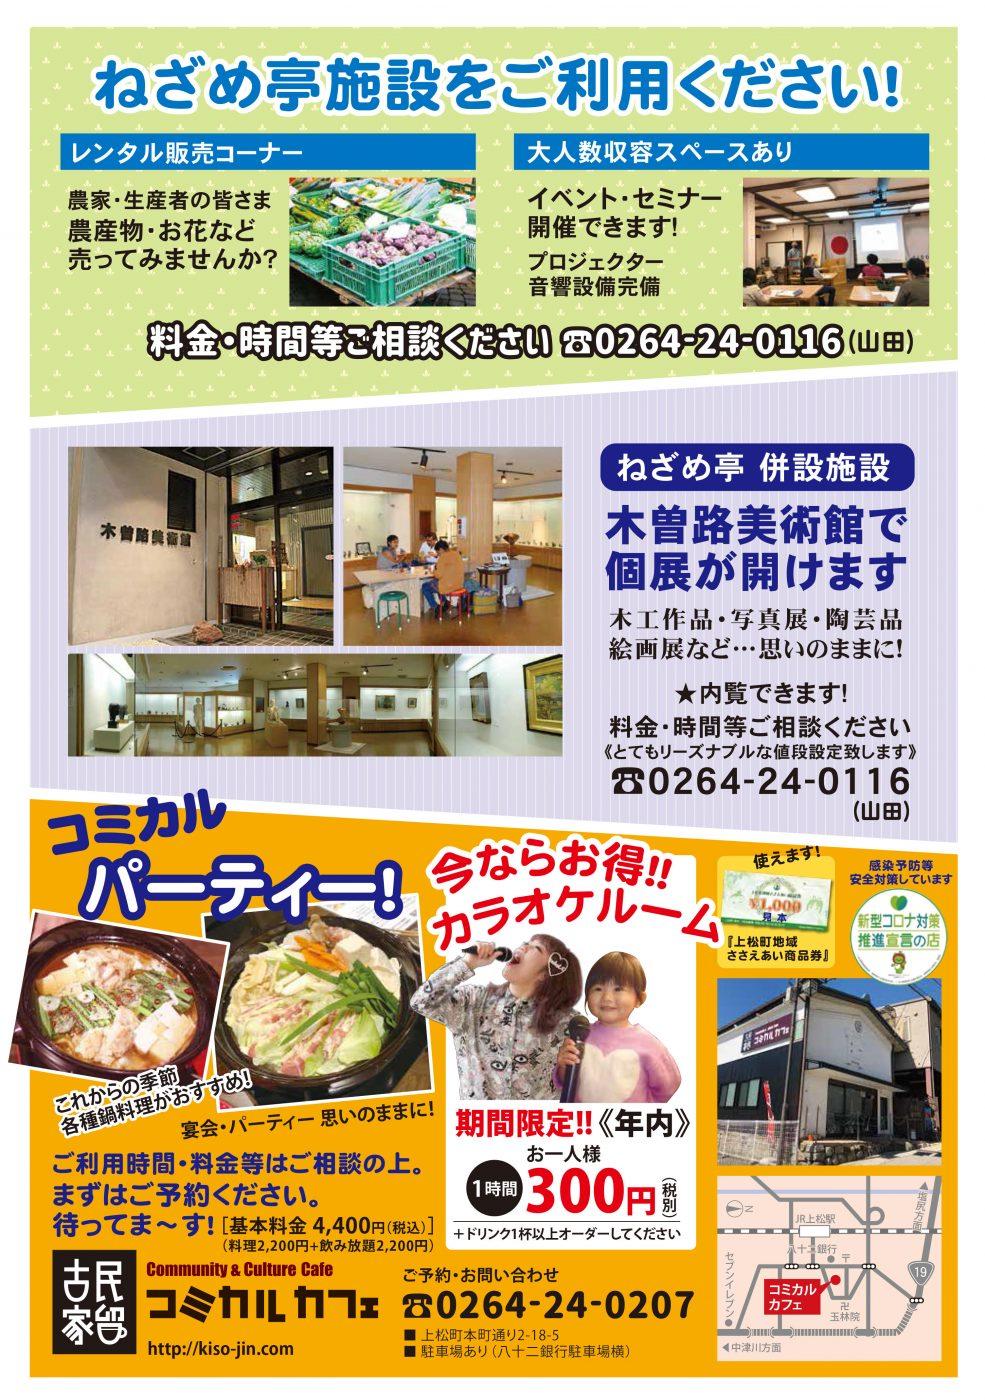 イベント・個展・カラオケ・野菜販売など、ねざめ亭施設をご利用ください!